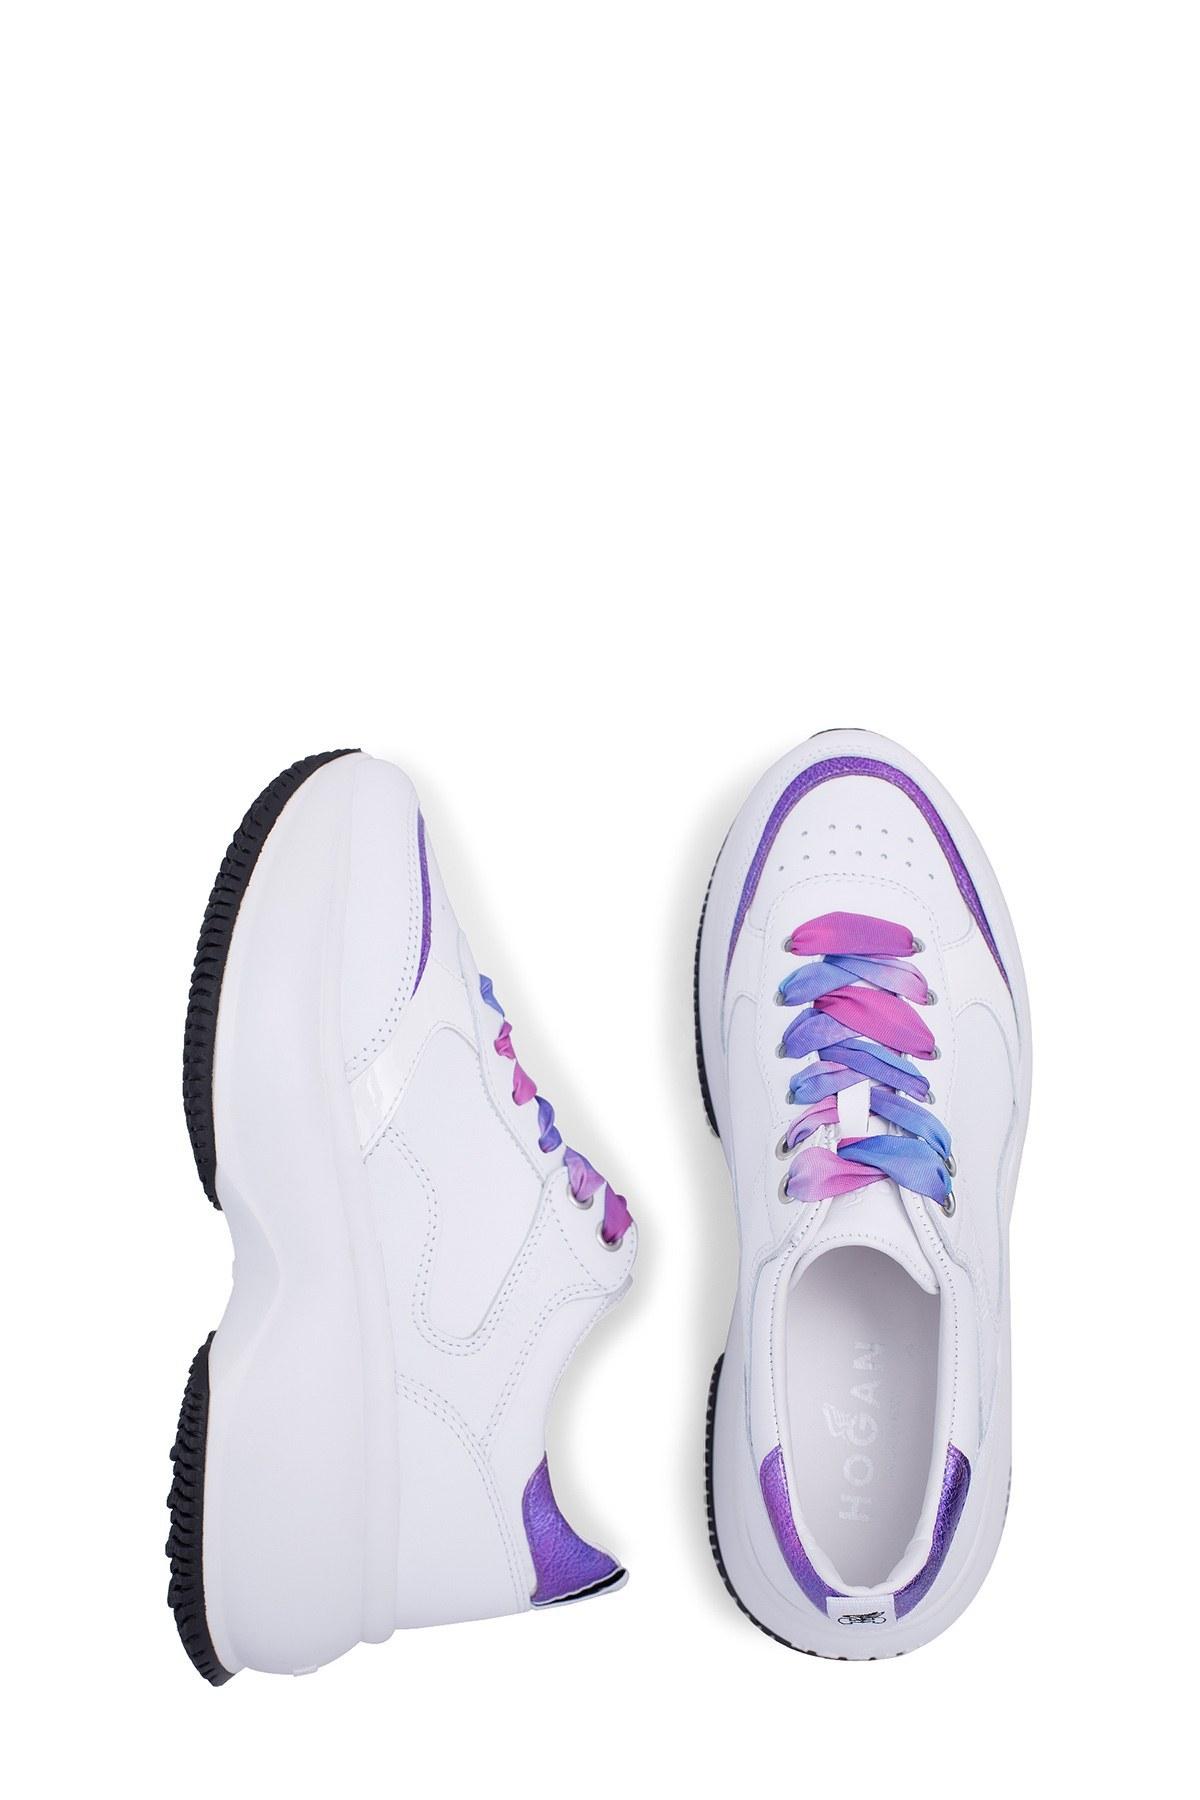 Hogan Kadın Ayakkabı HXW4350BN52N9CST06 BEYAZ